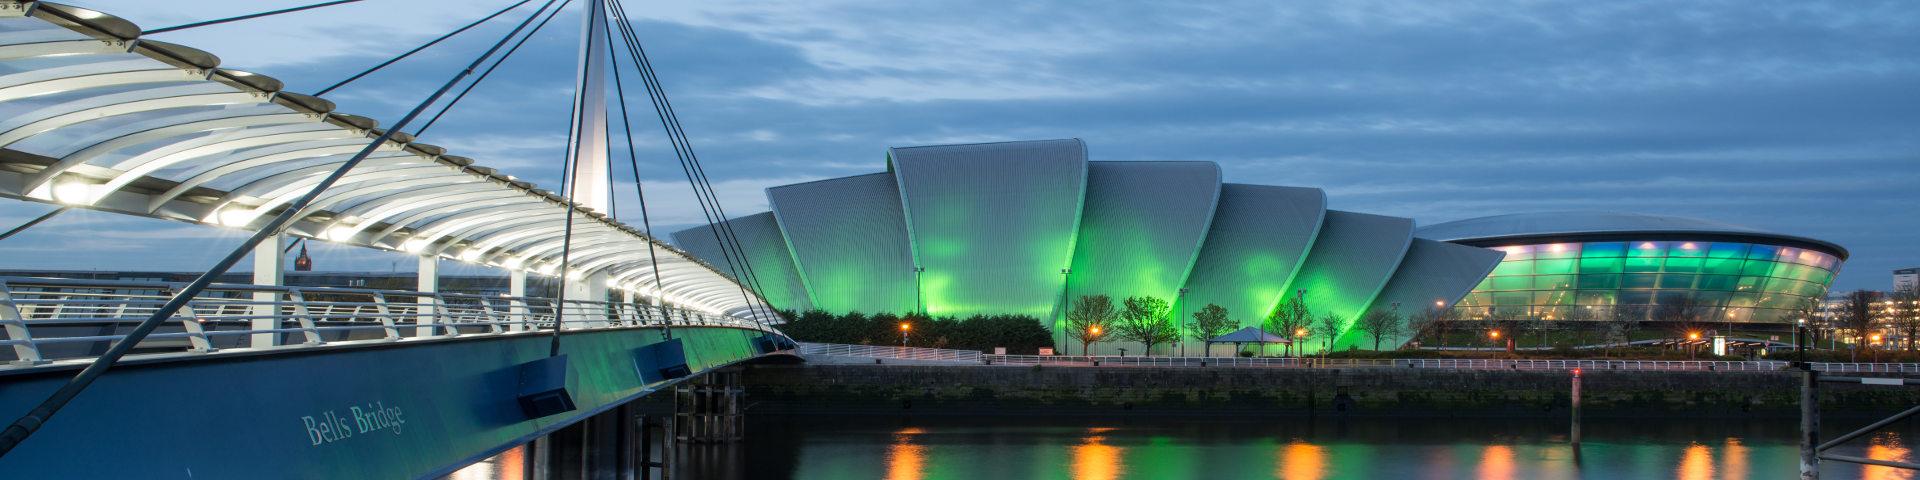 Glasgow hero image 2